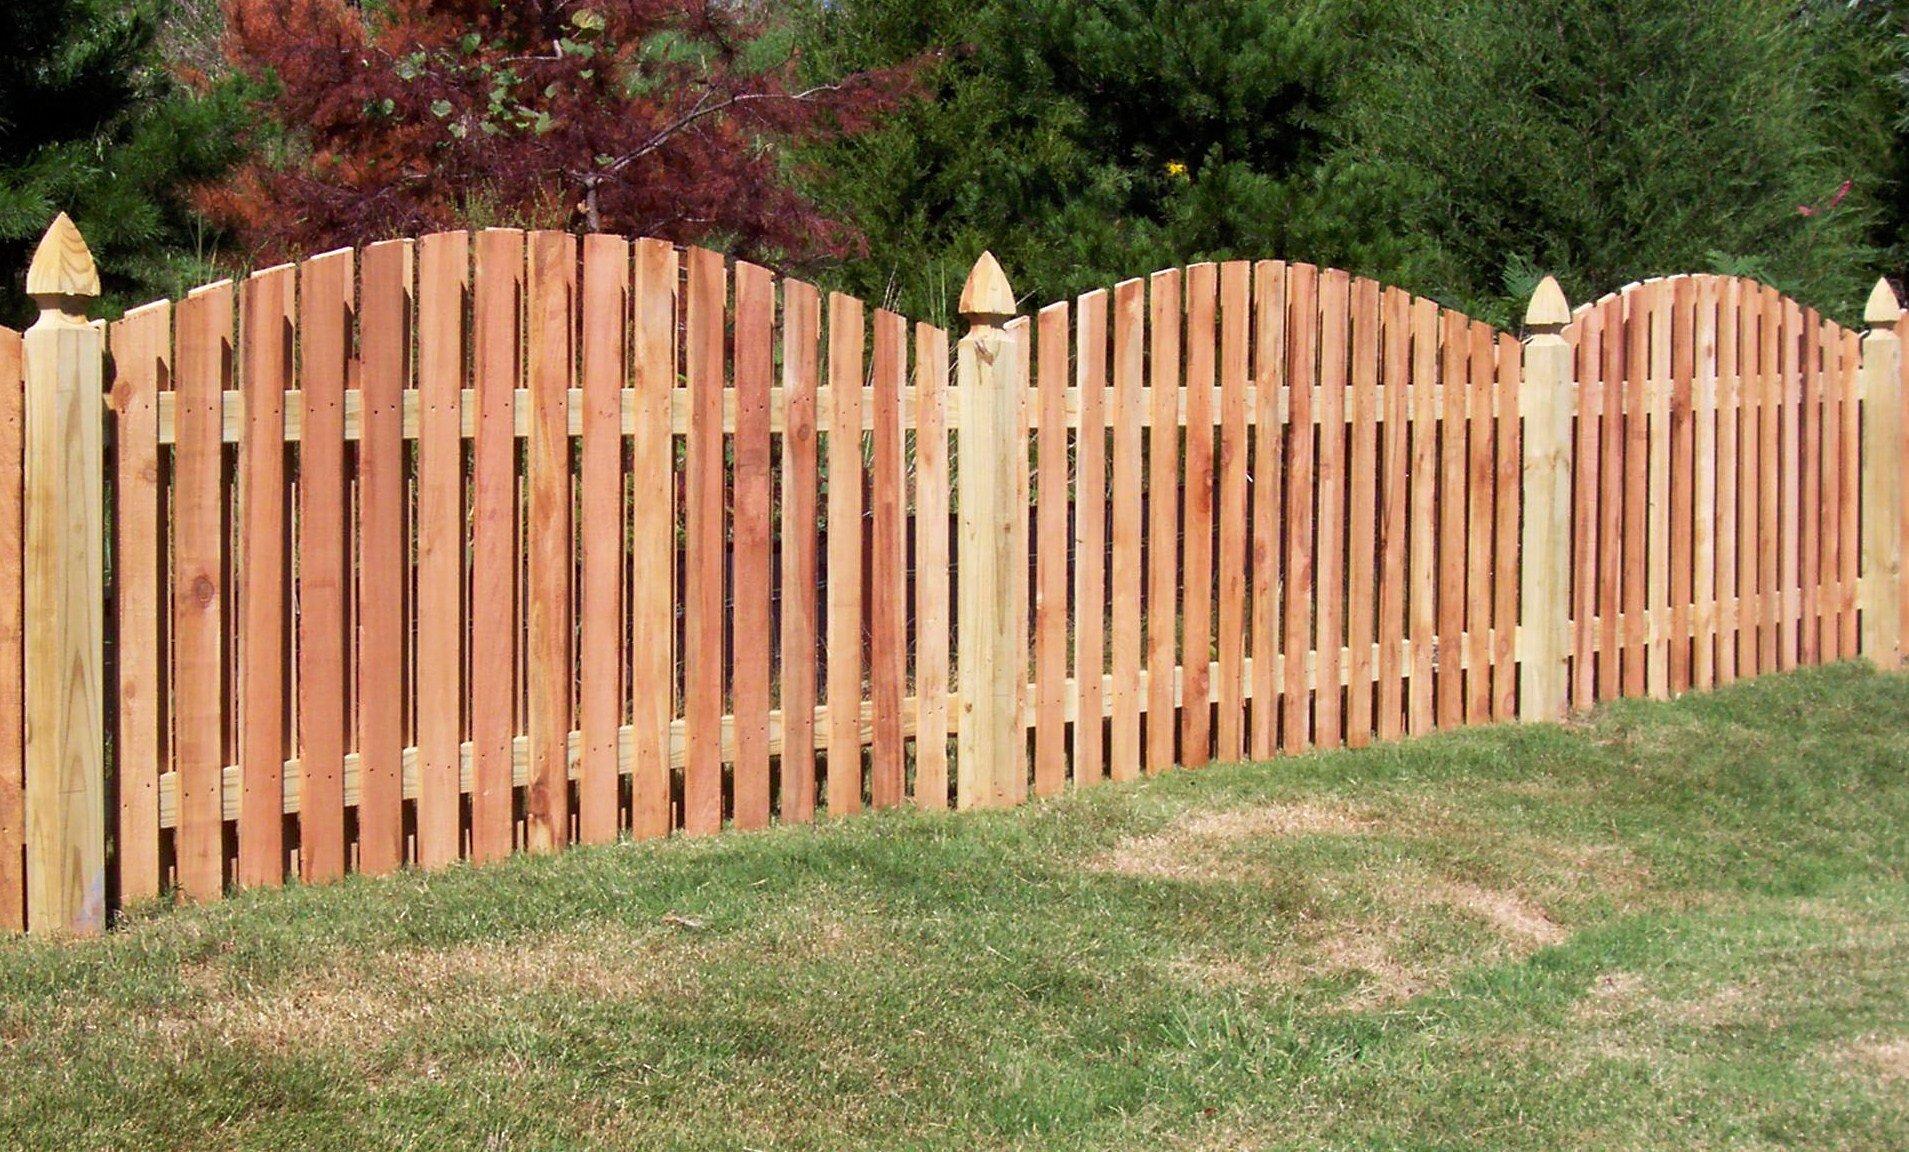 кто знает, забор деревянный фотогалерея фото даются рекомендации питанию